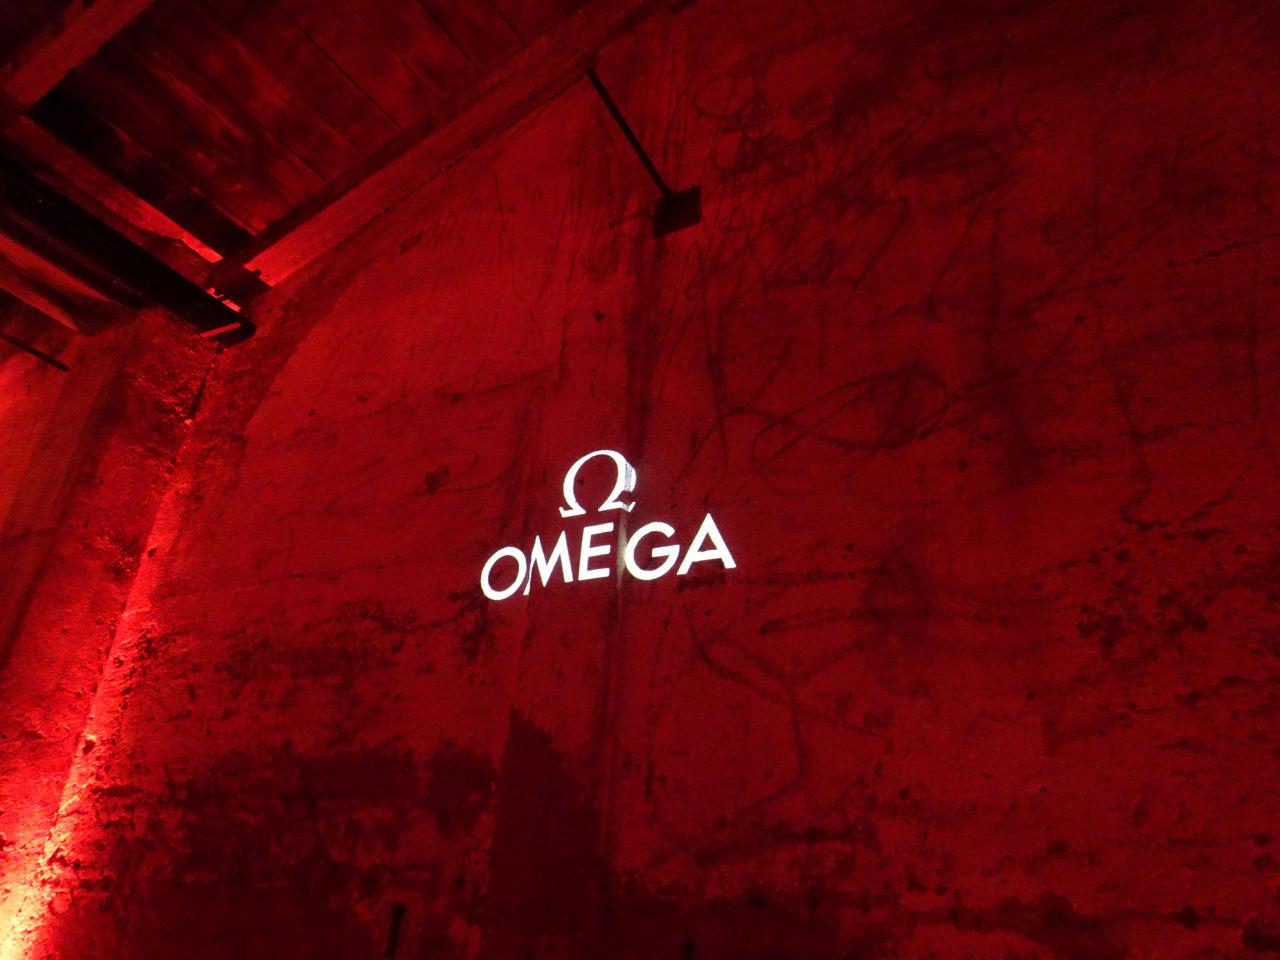 omega-presenta-la-collezione-globemaster-cracco-nina-zilli-milano-metas_0-10018